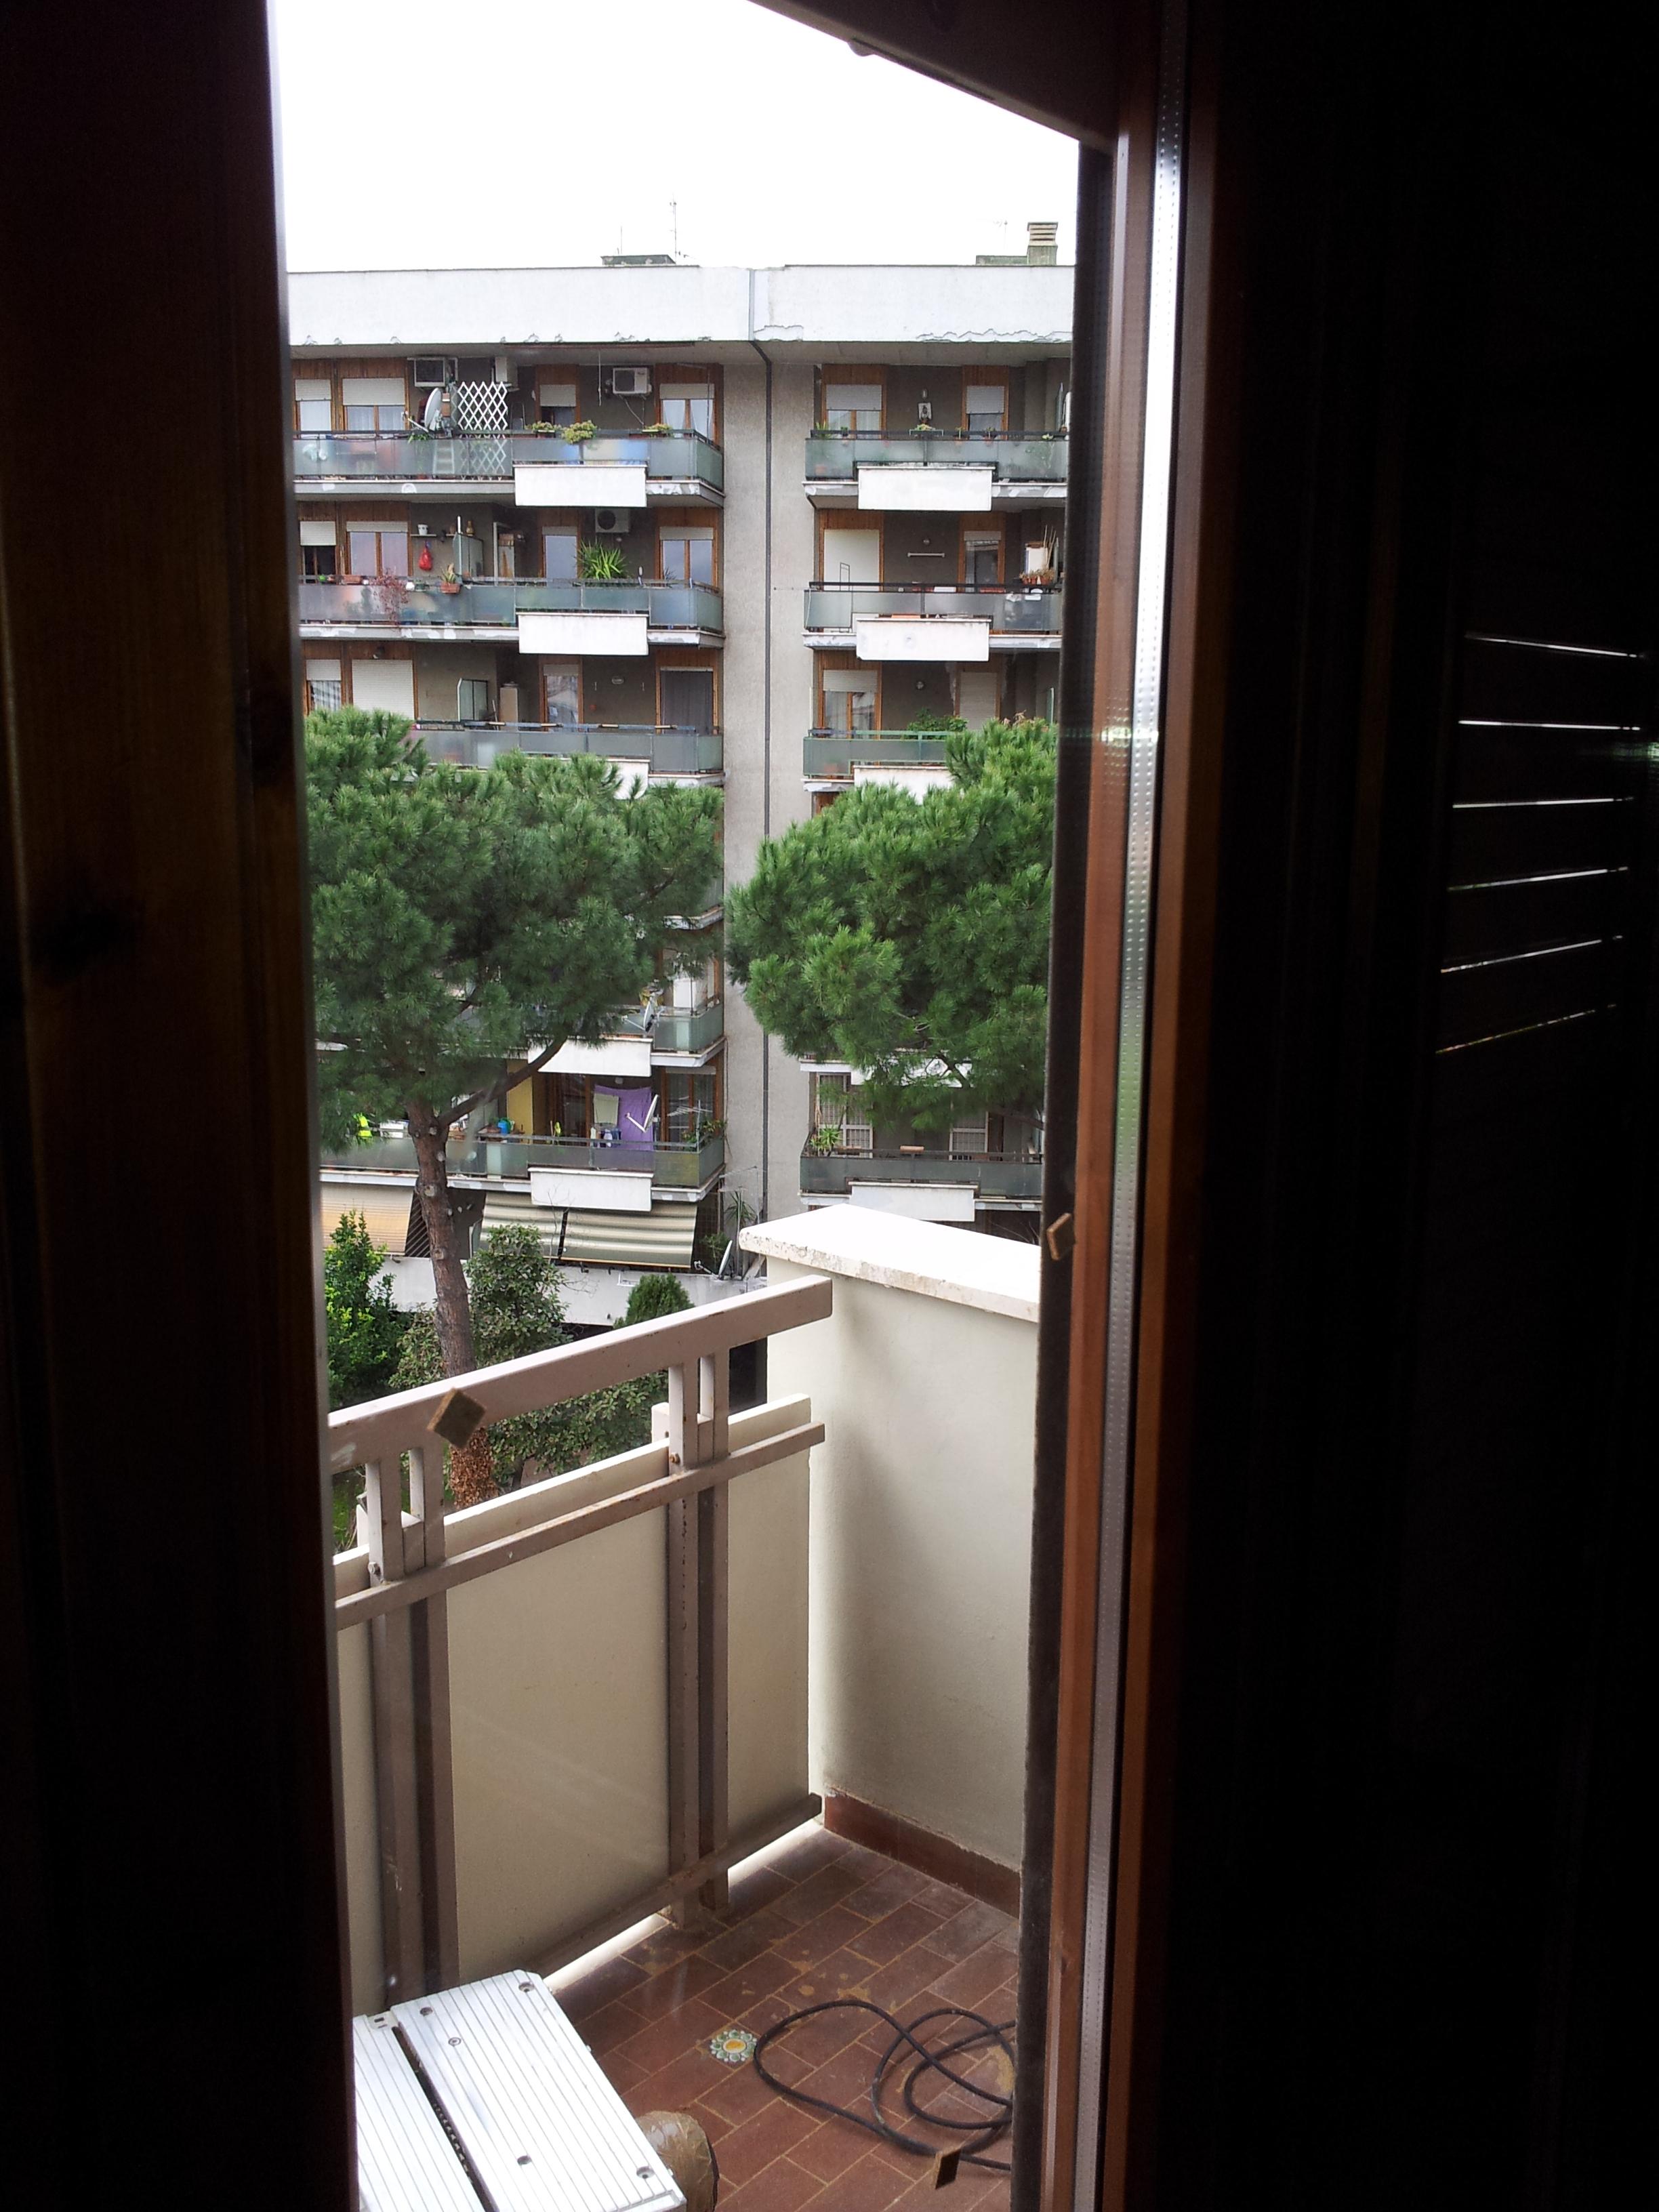 Restauro finestre in legno e sostituzione vetri termici basso emissivi restauro e - Ristrutturazione finestre in legno ...